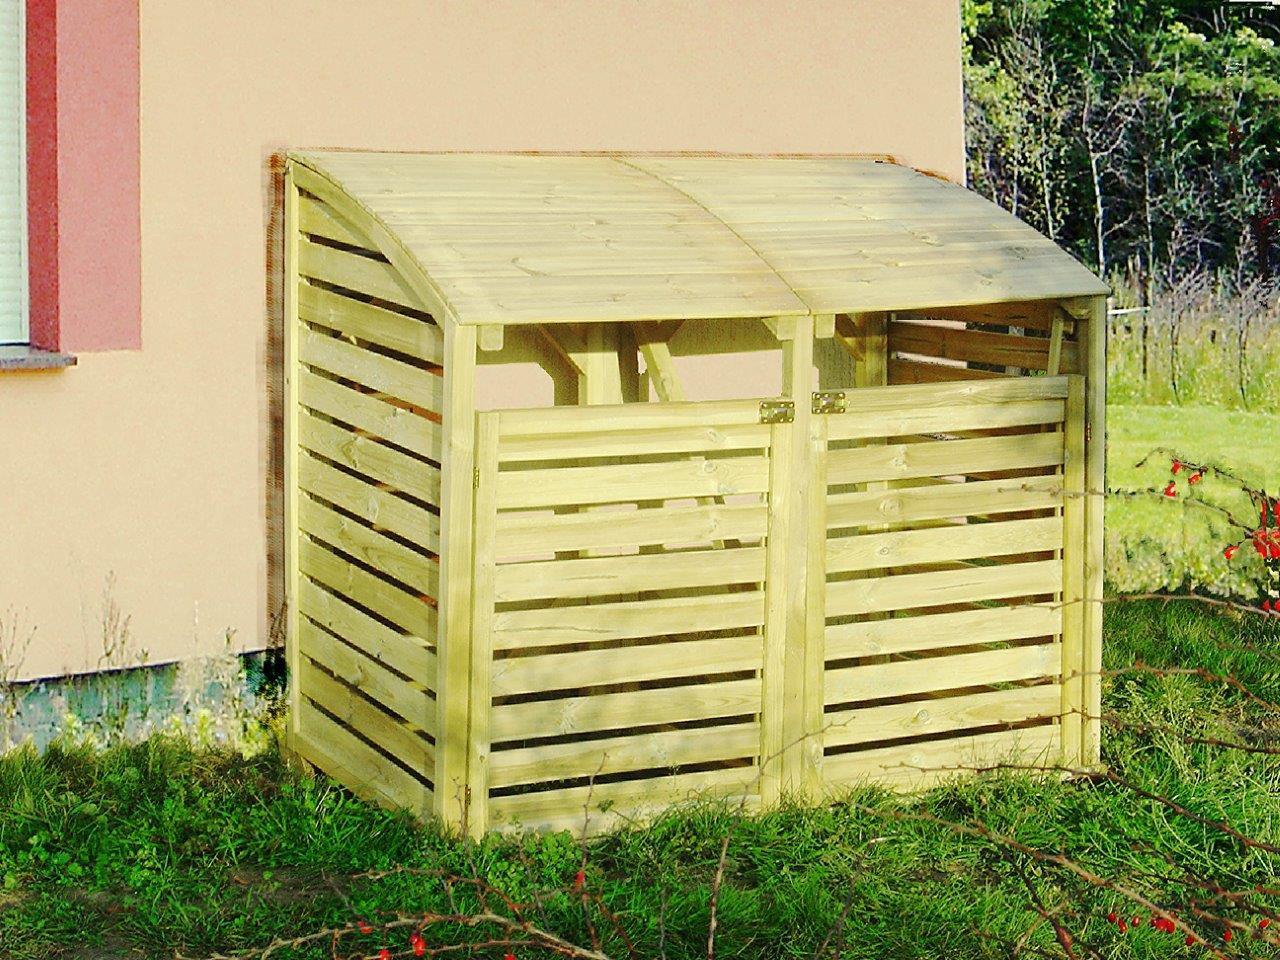 Mülltonnen-Unterstellbox Humulus - Abmessung: 160 x 80 x 125 cm (B x T x H)